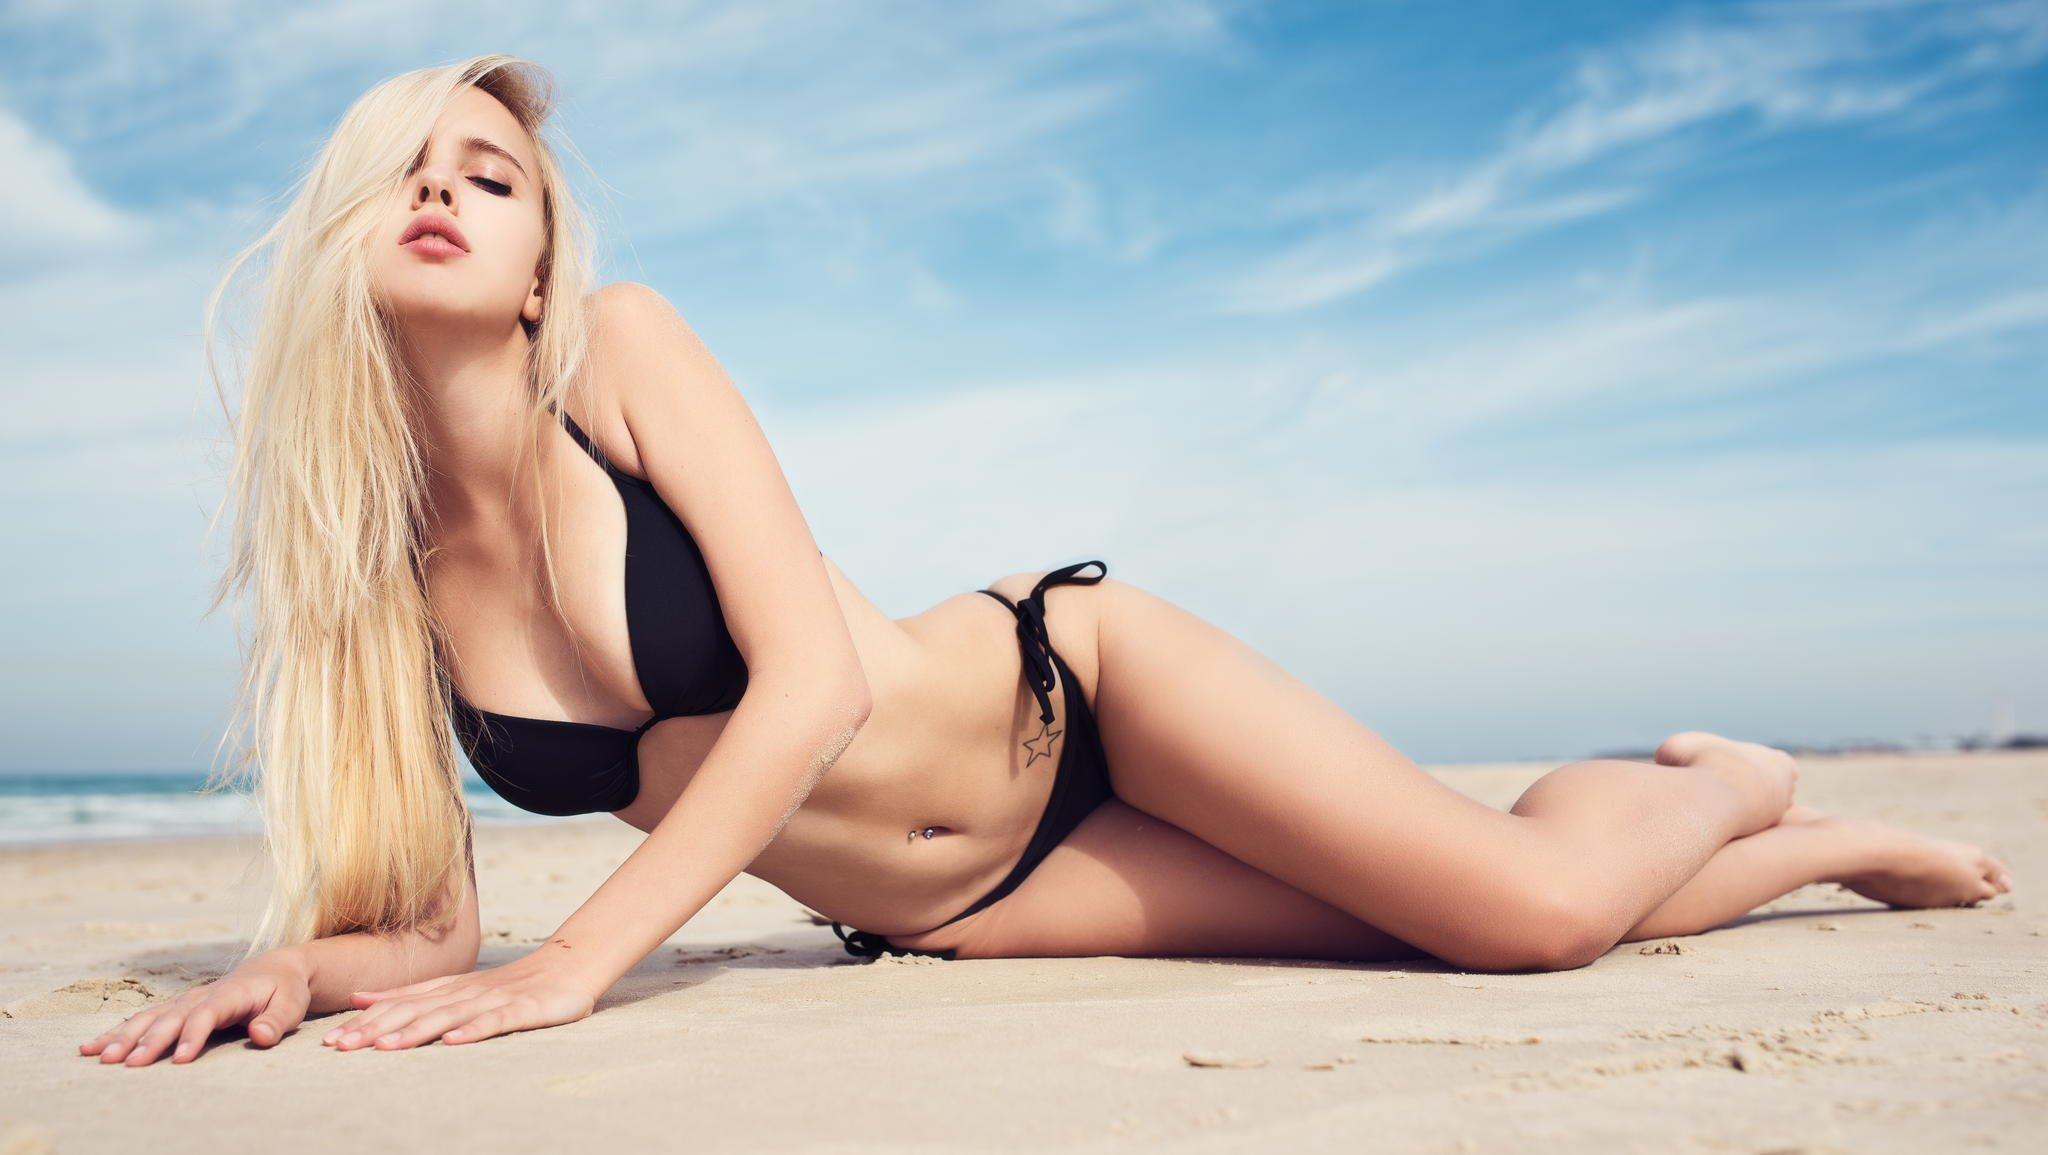 bikini-girl-in-distress